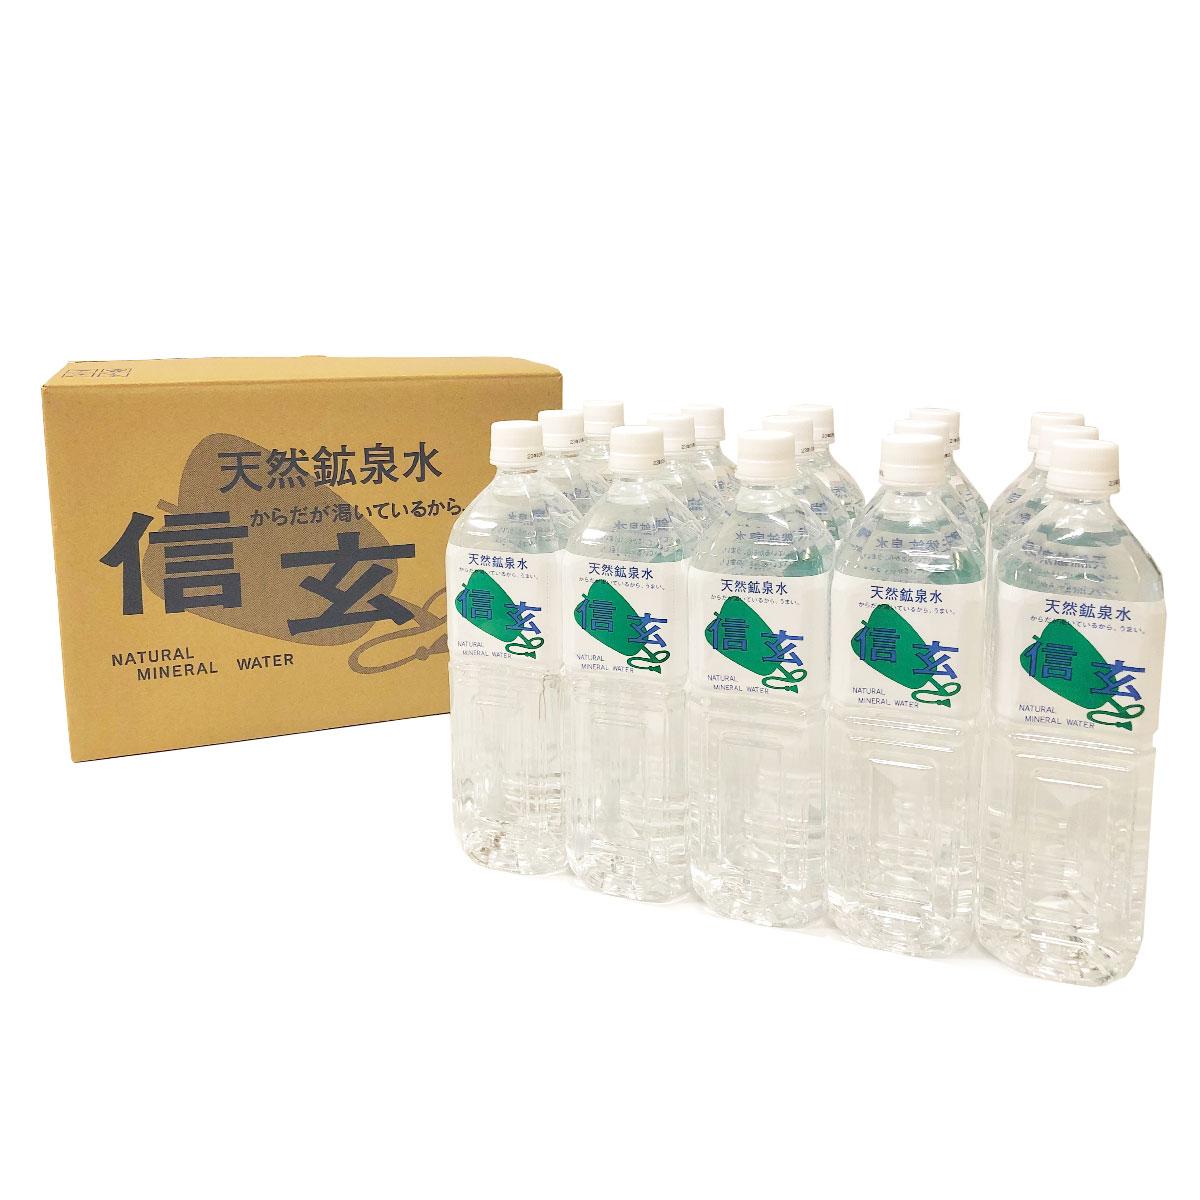 お歳暮 送料無料 硬度145、pH値7.4、日本の硬水 天然鉱泉水『信玄』1L 15本セット